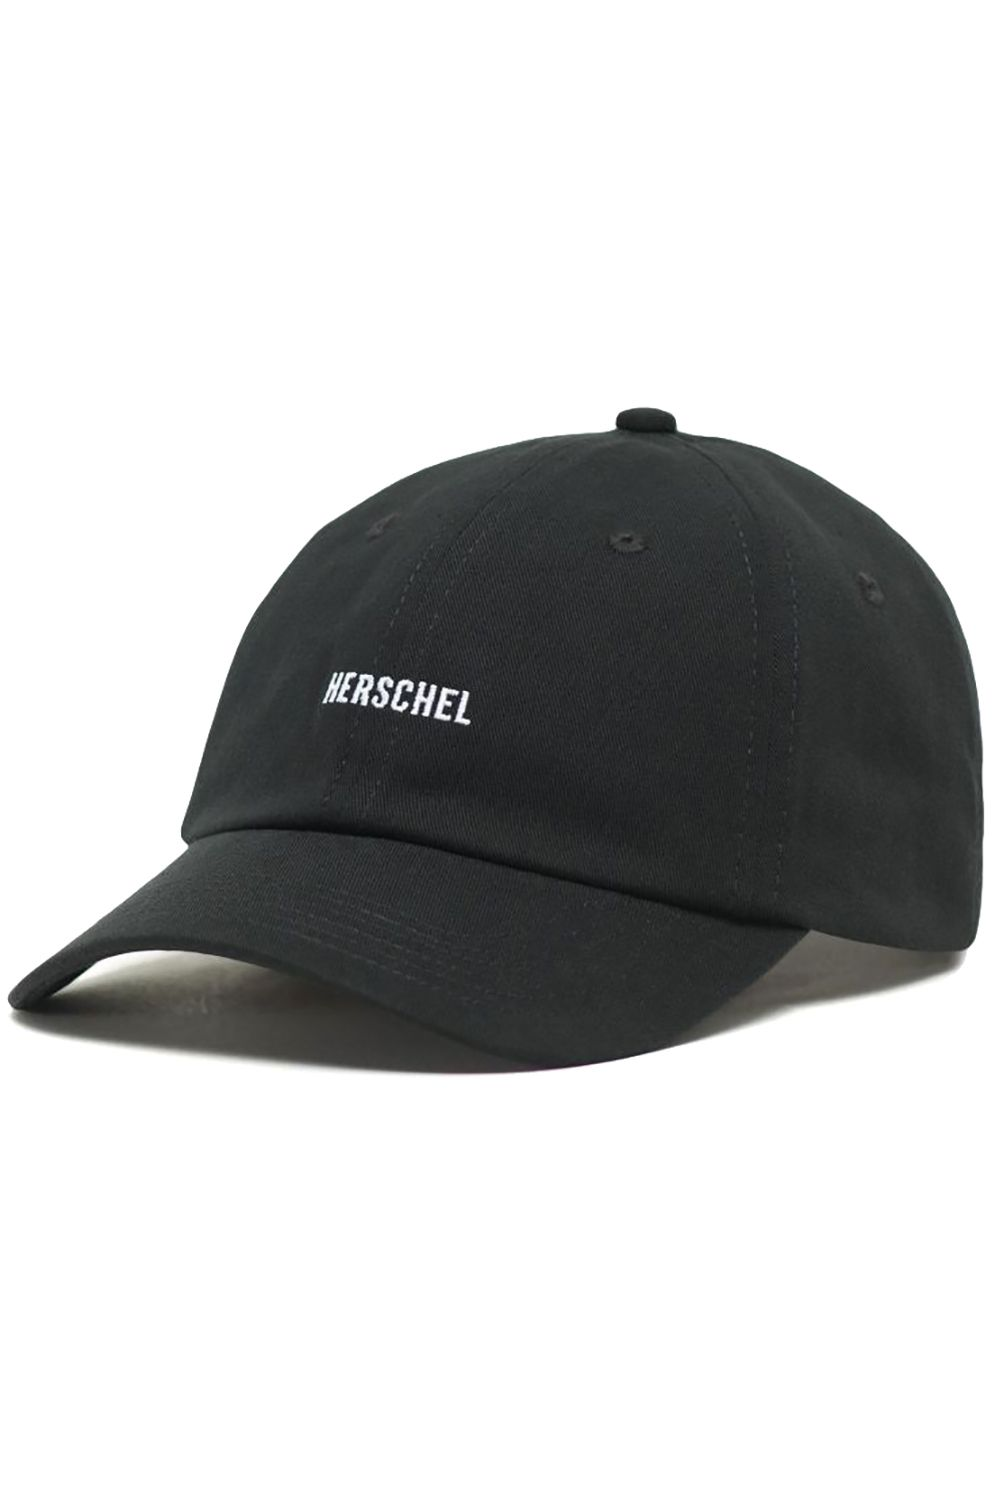 Herschel Cap   SYLAS Black